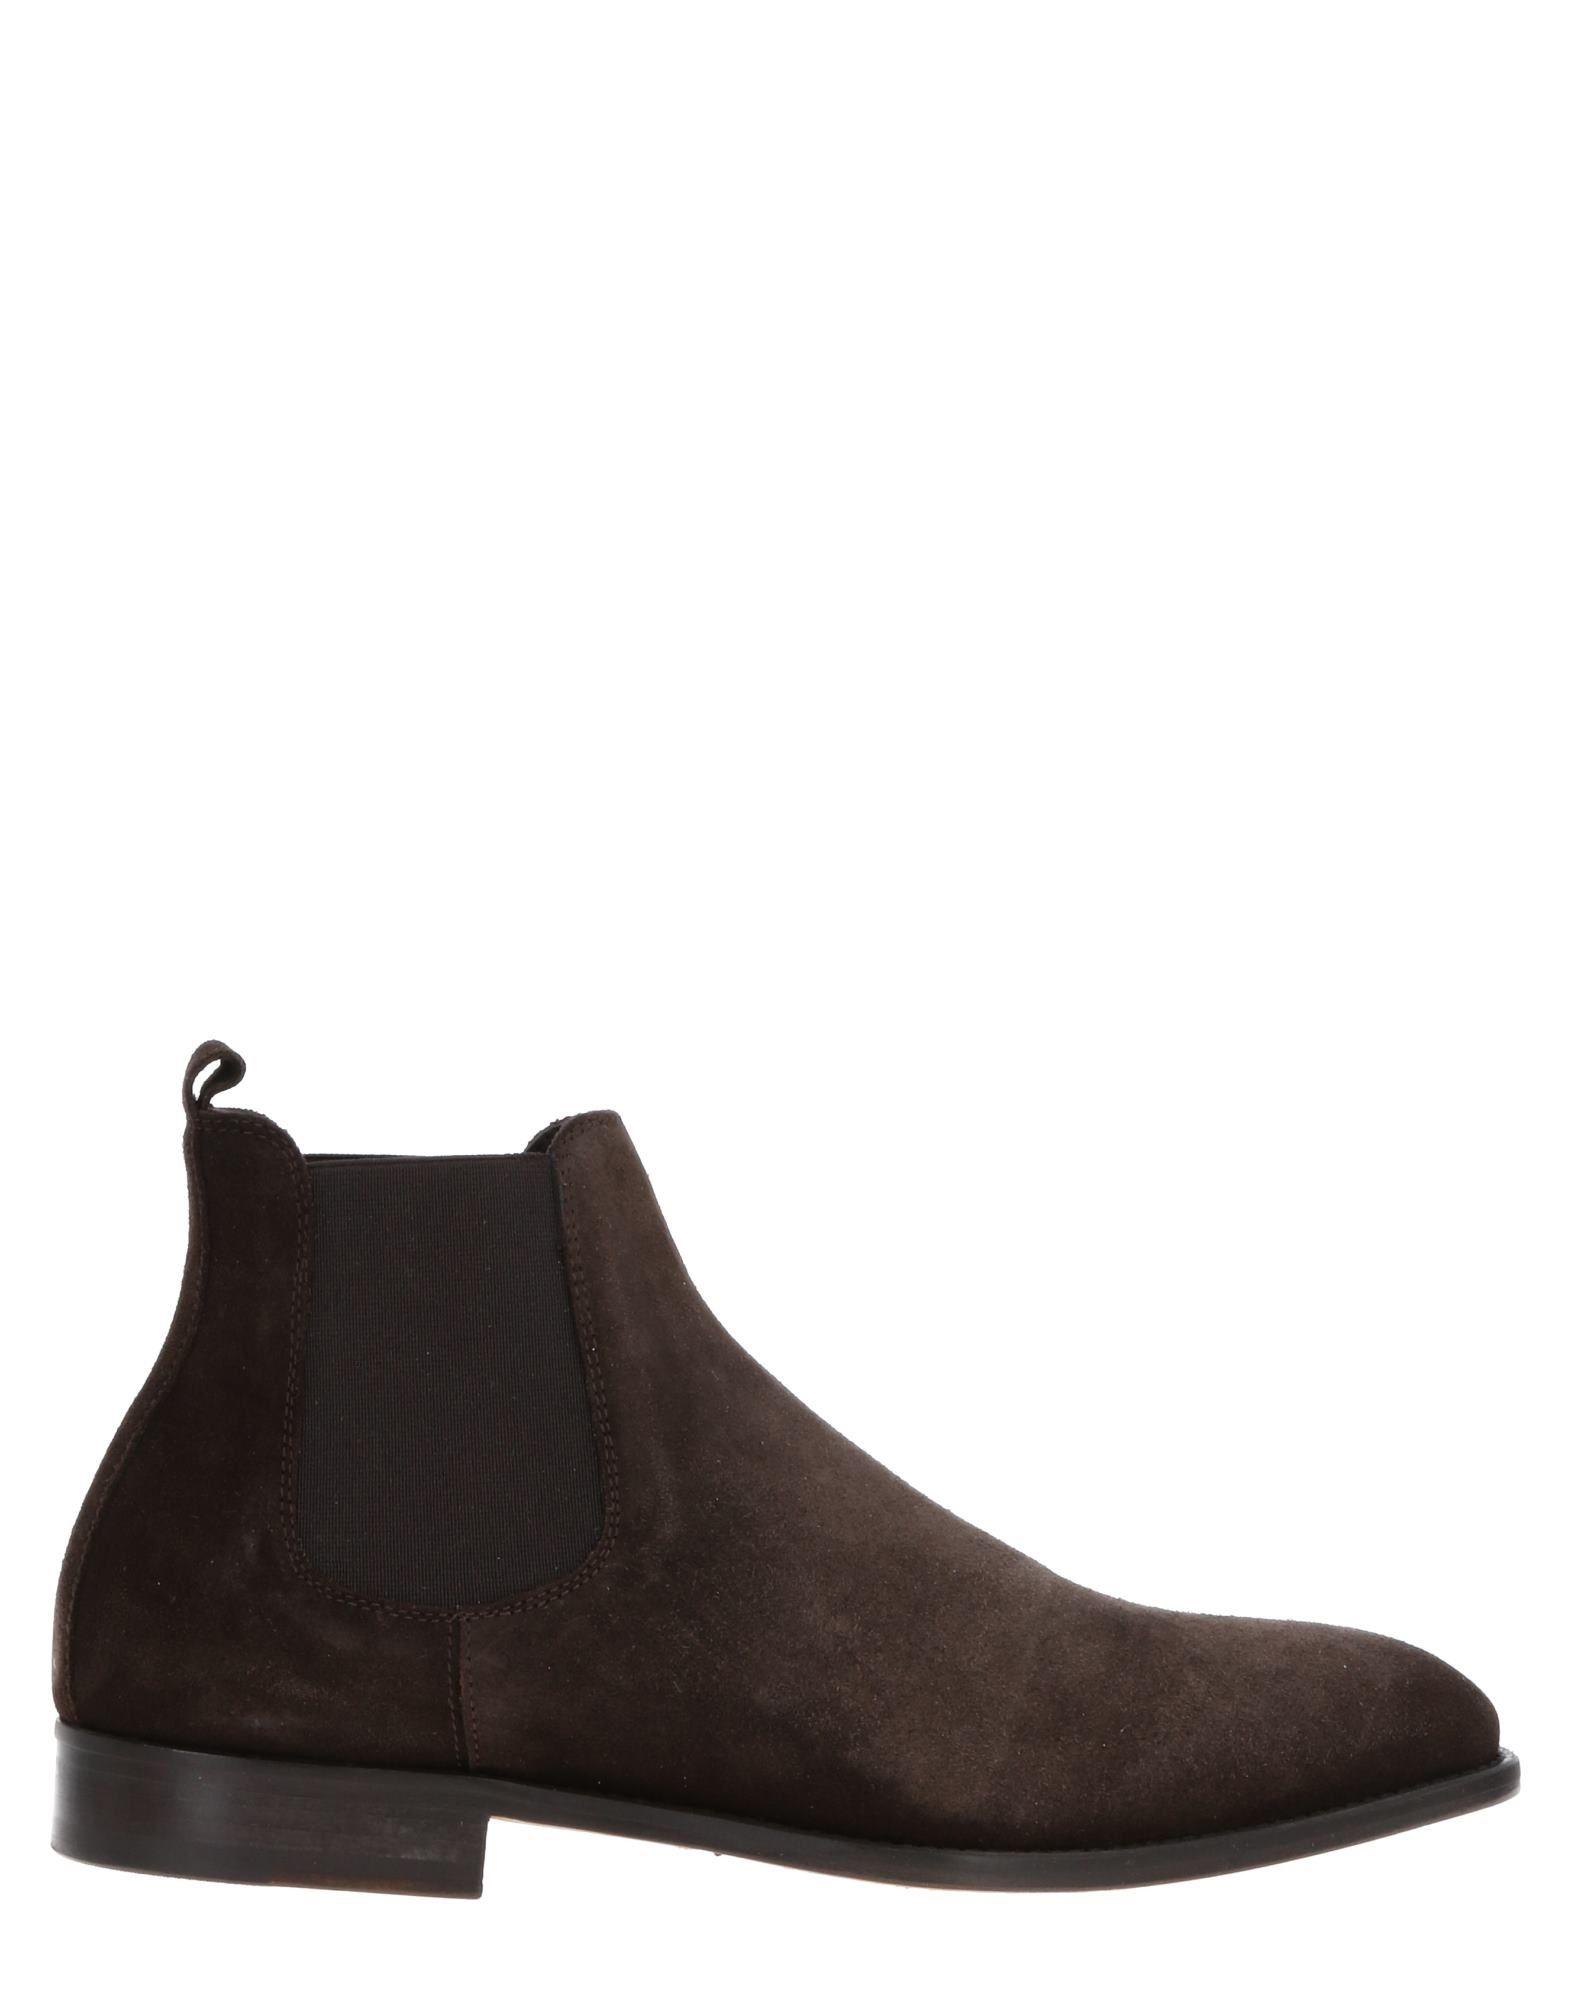 Settantatre Lr Stiefelette Herren  11516076JN Gute Qualität beliebte Schuhe